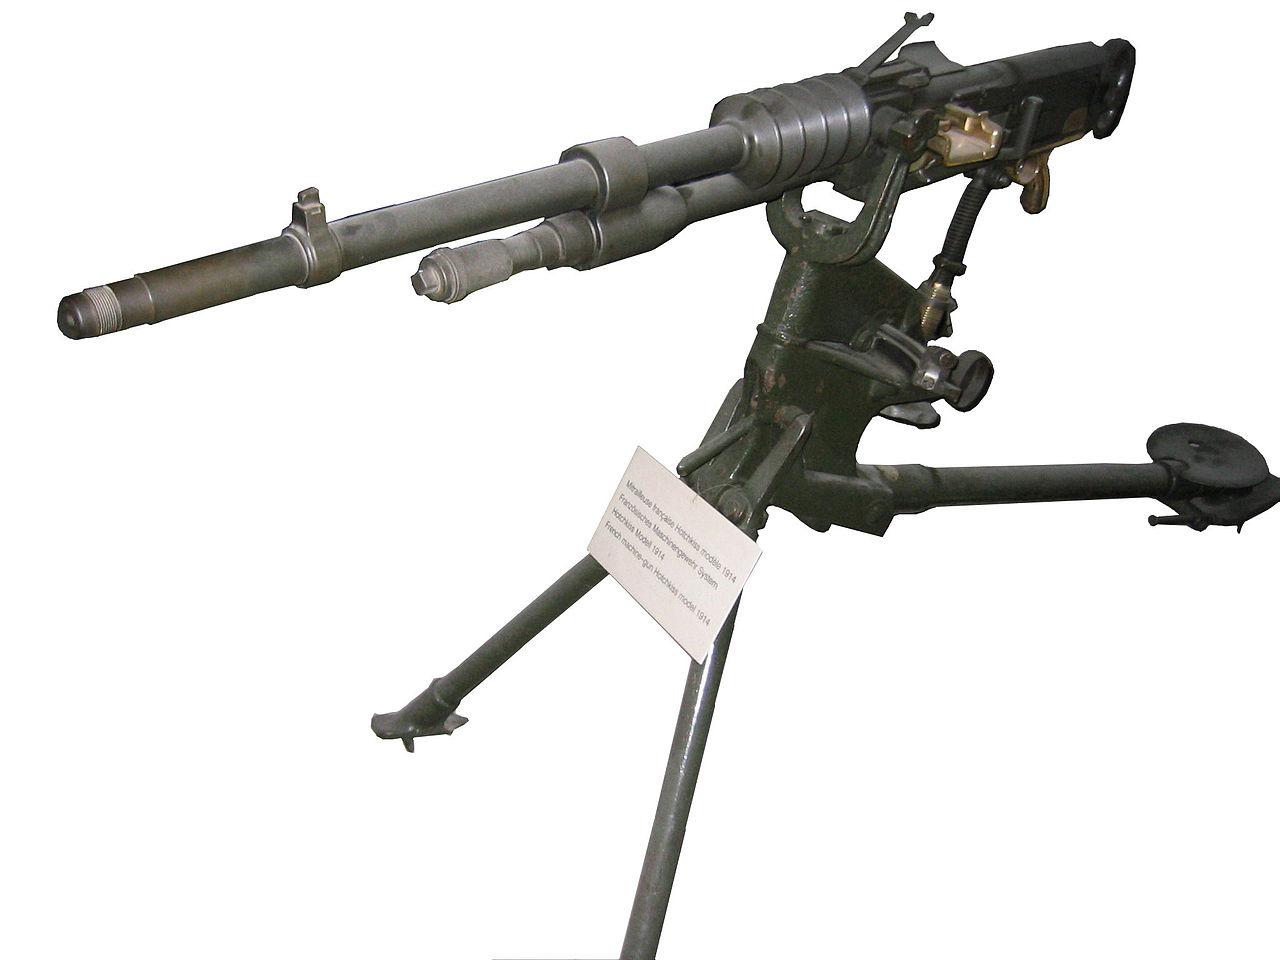 ホチキス社製重機関銃